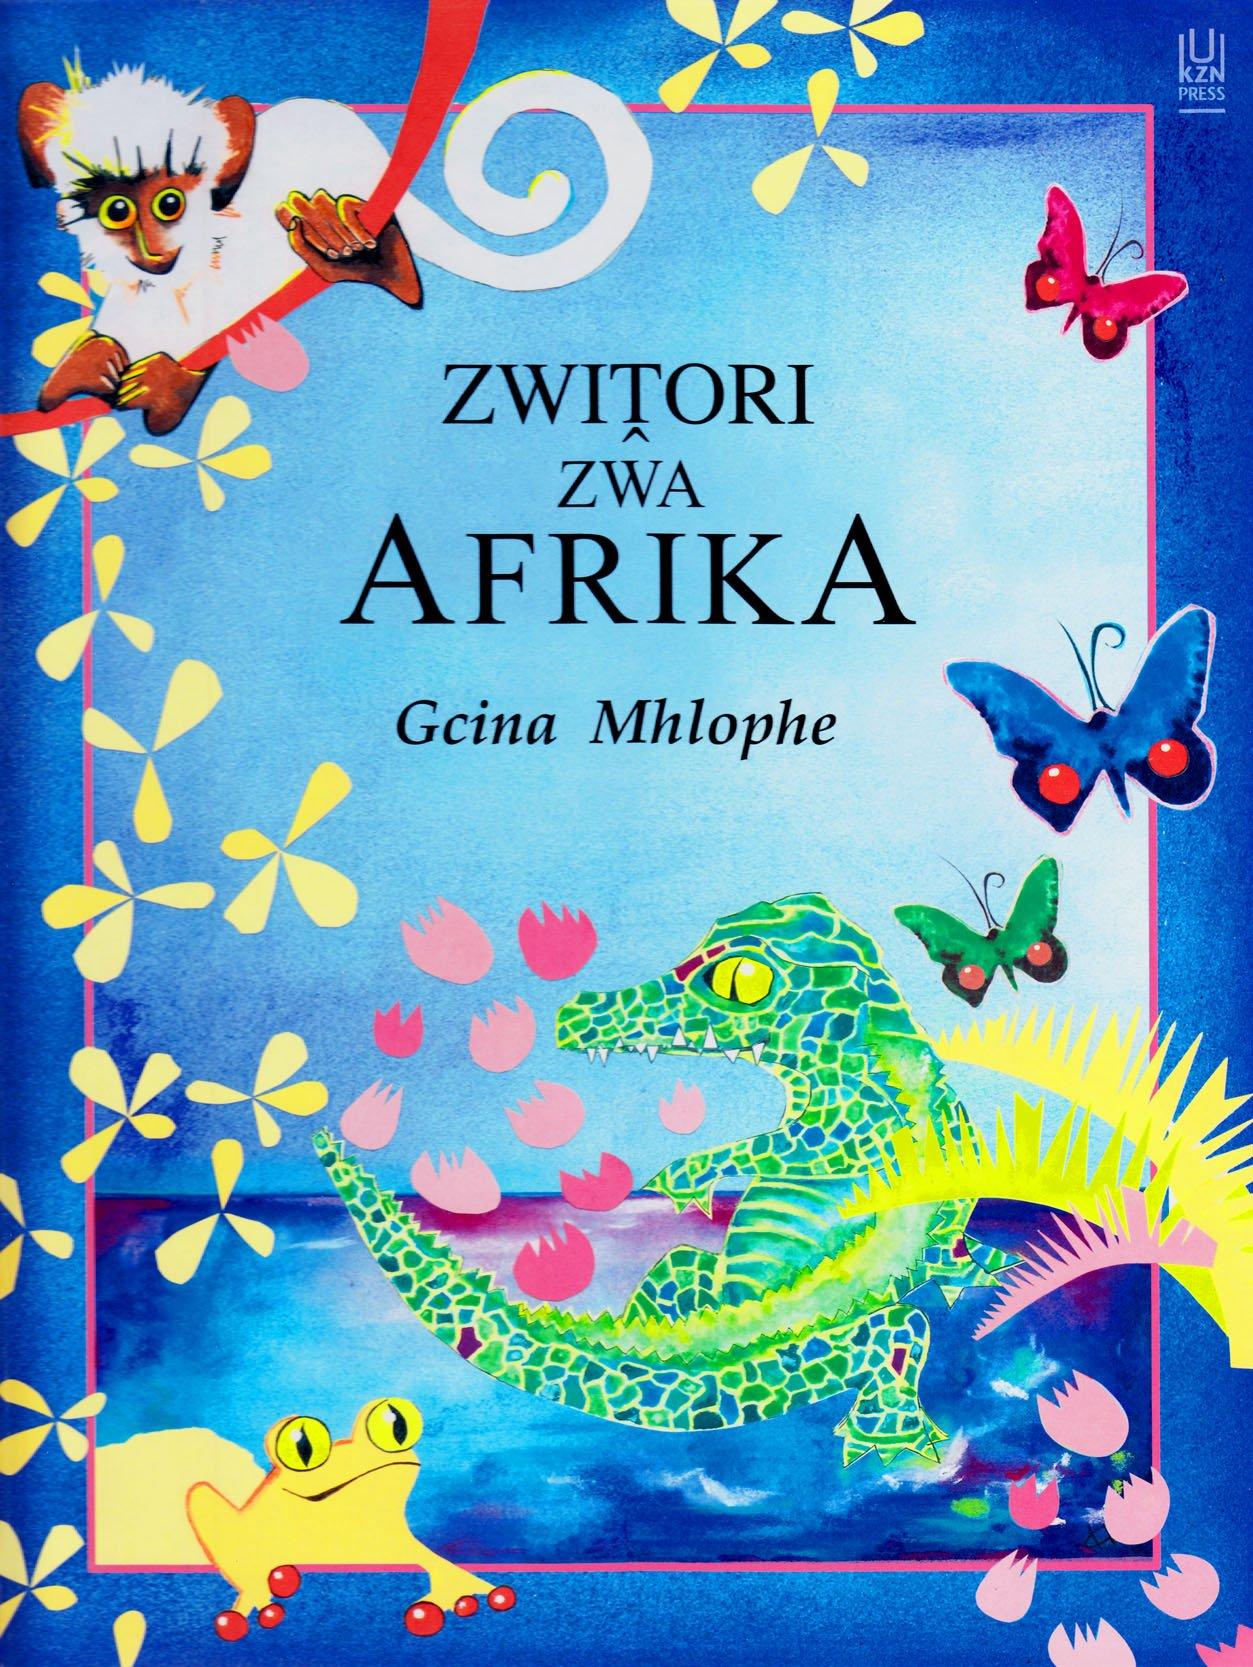 Zwitori Zwa Afrika PDF